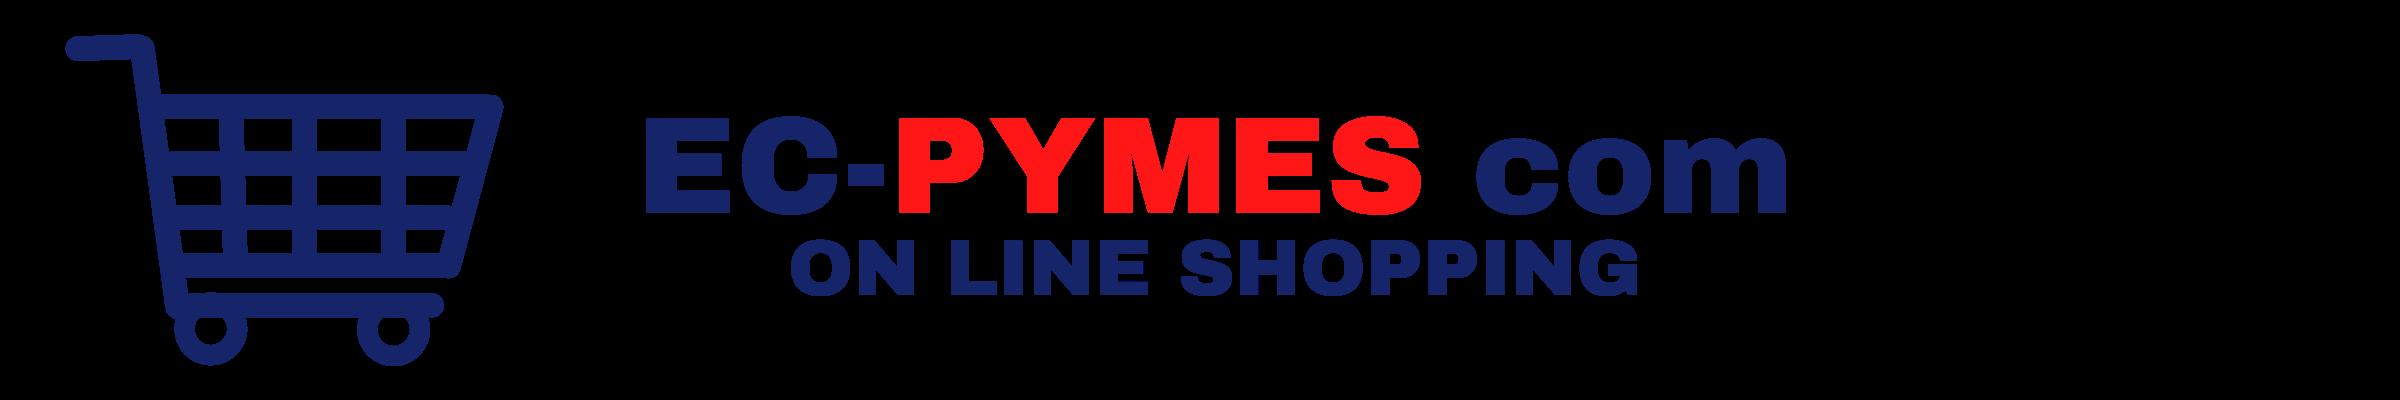 logo-ec-pymes2